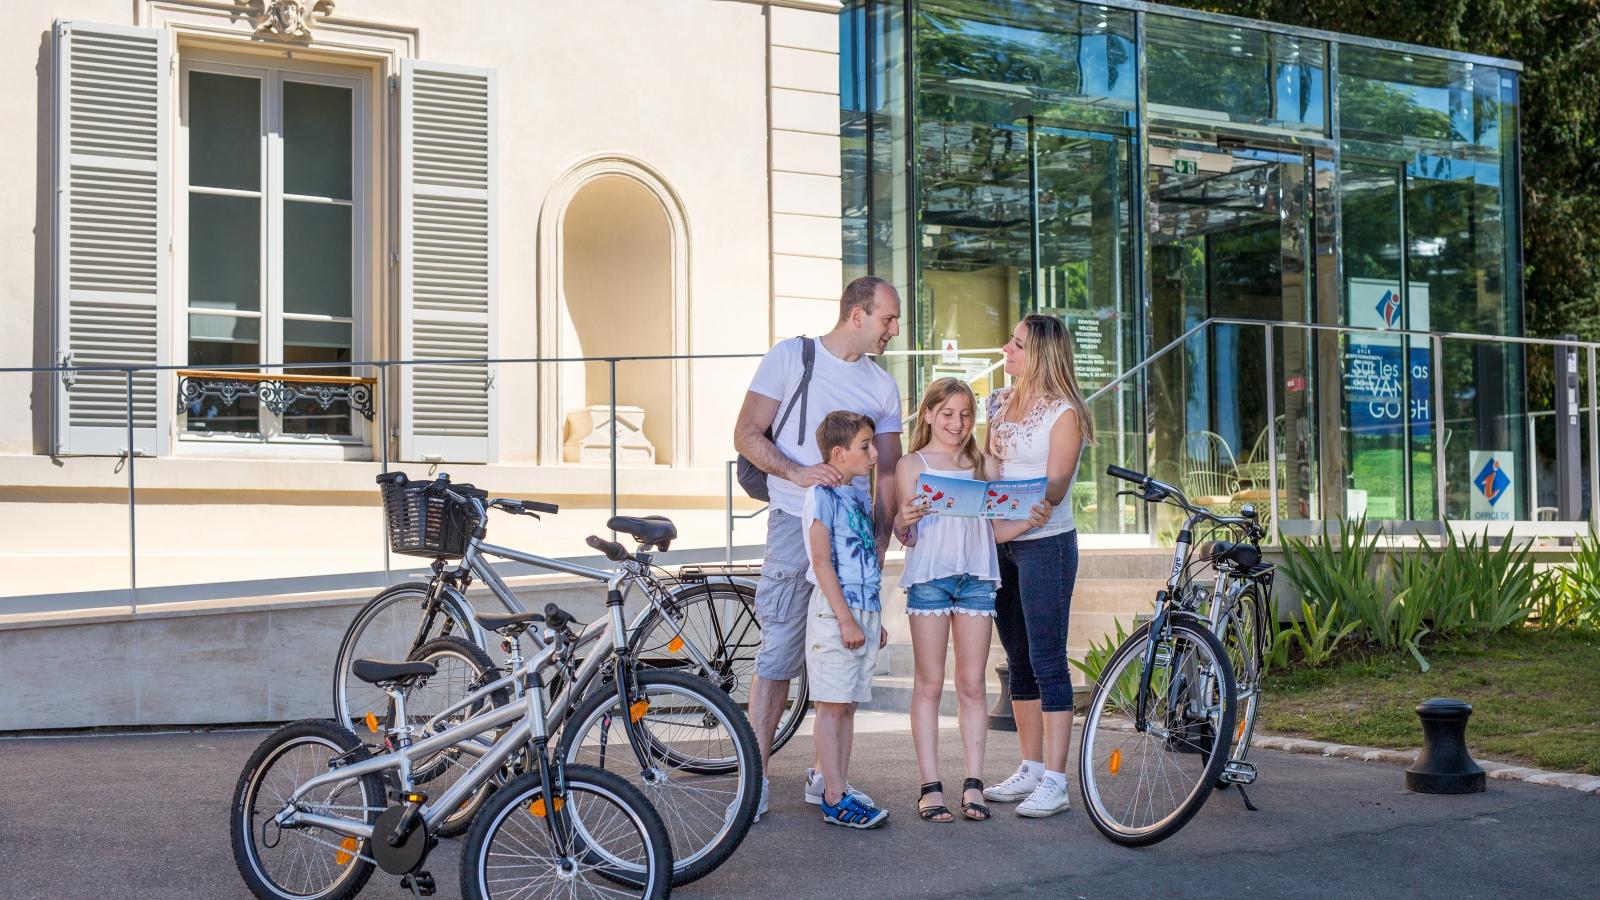 Photo d'une famille devant l'office de tourisme d'Auvers sur Oise regardant des plans et livrets de visite avec leur vélo près d'eux